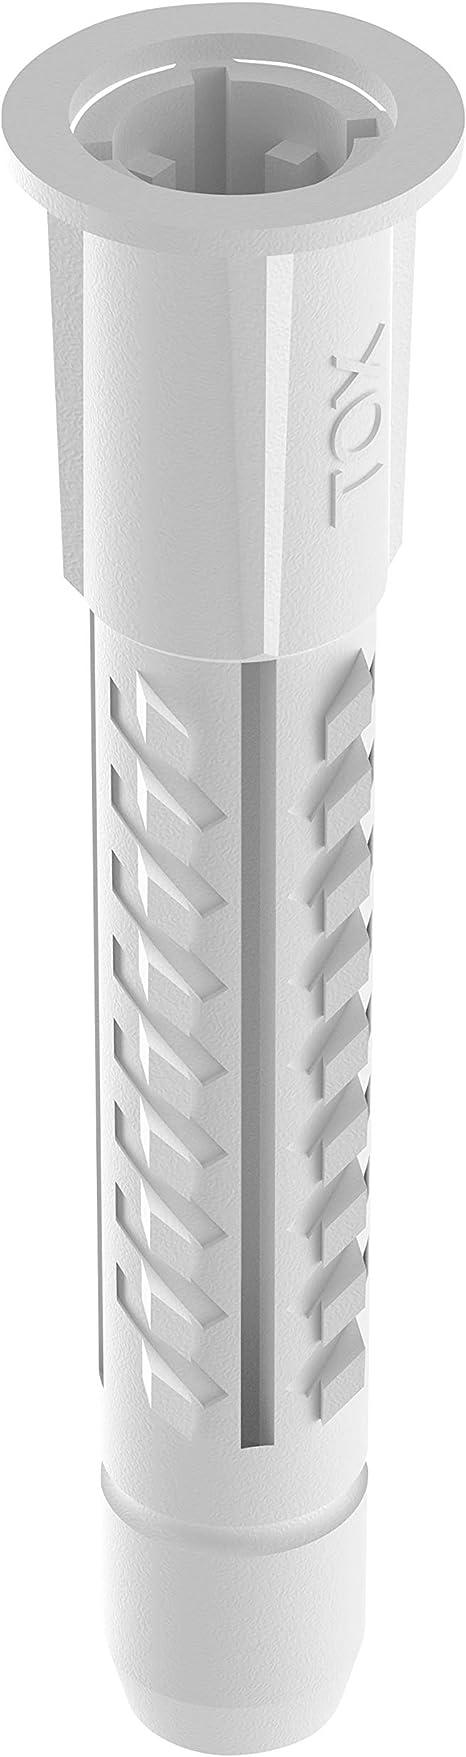 016260101 25 piezas TOX Taco universal Deco 12 x 76 mm en envase circular